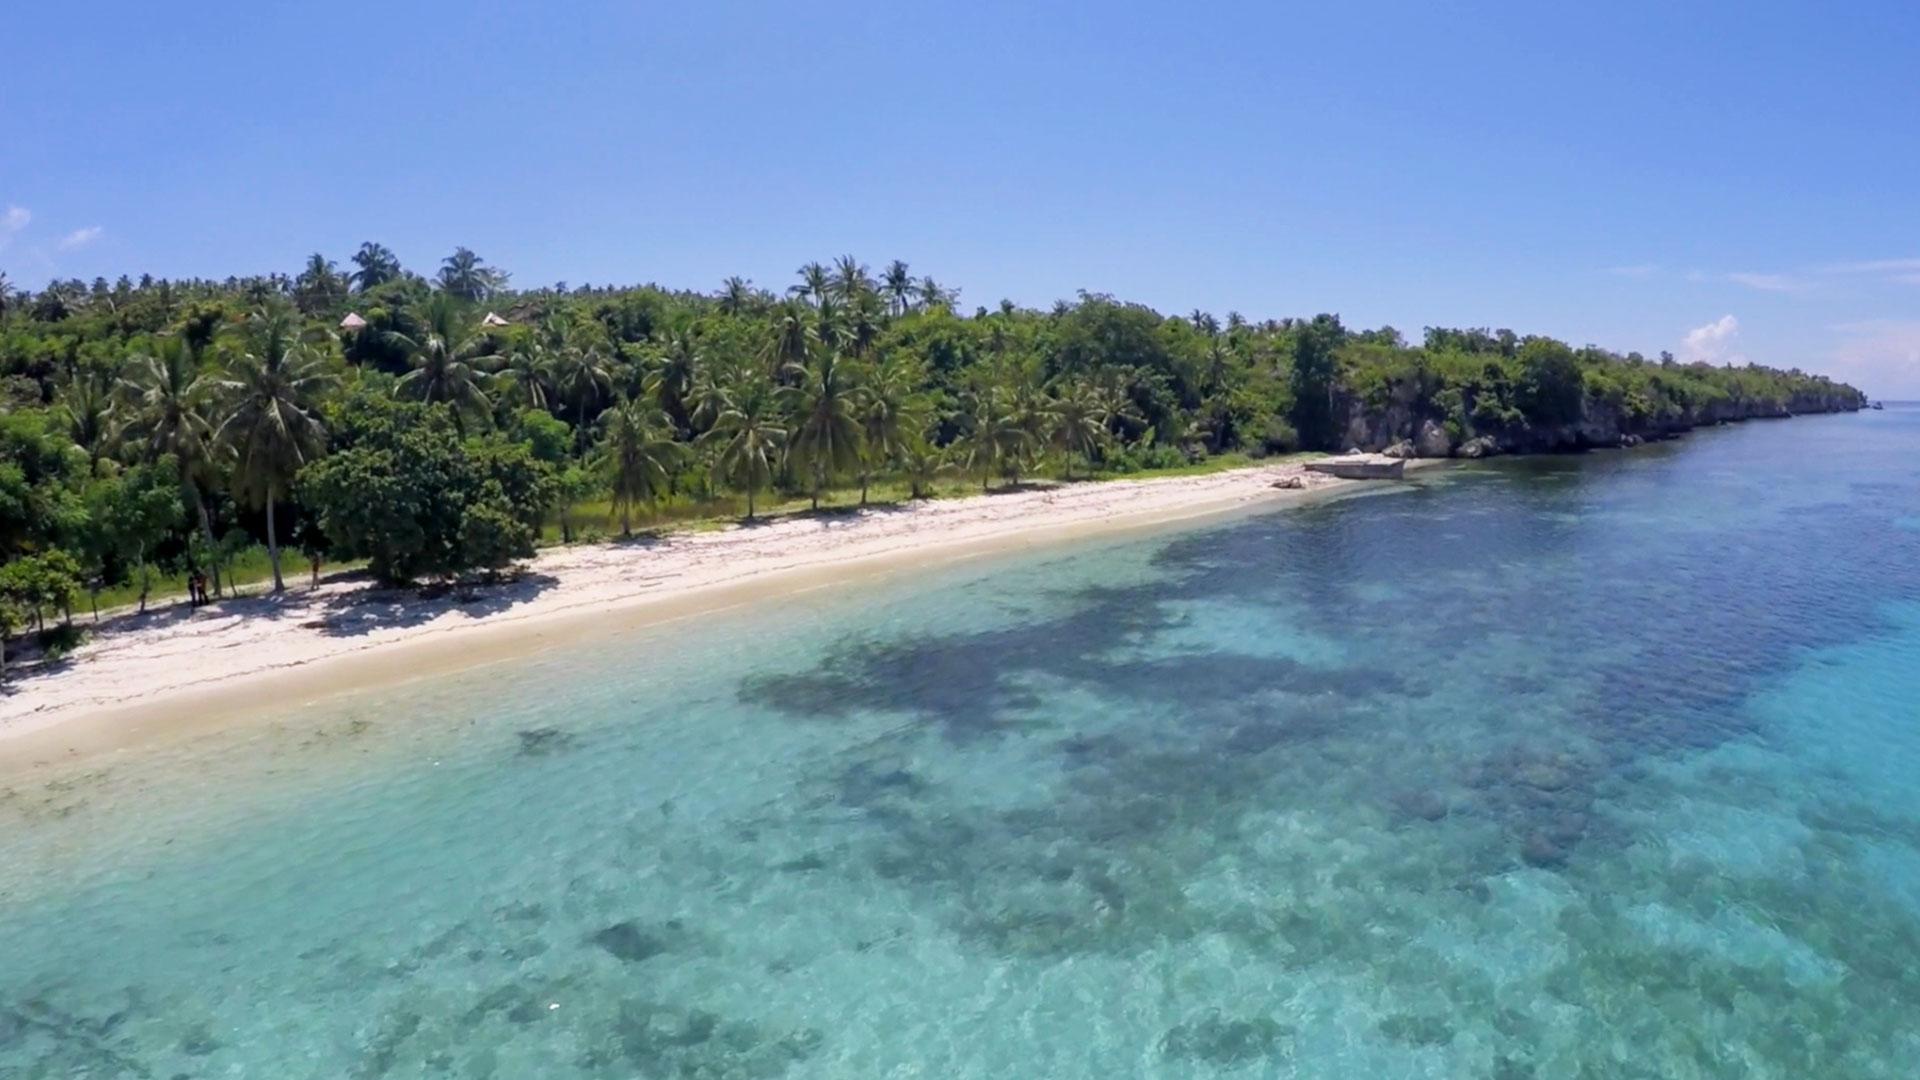 5 Tempat Wisata Pantai Memukau Sulawesi Barat Palippis Mampie Kab